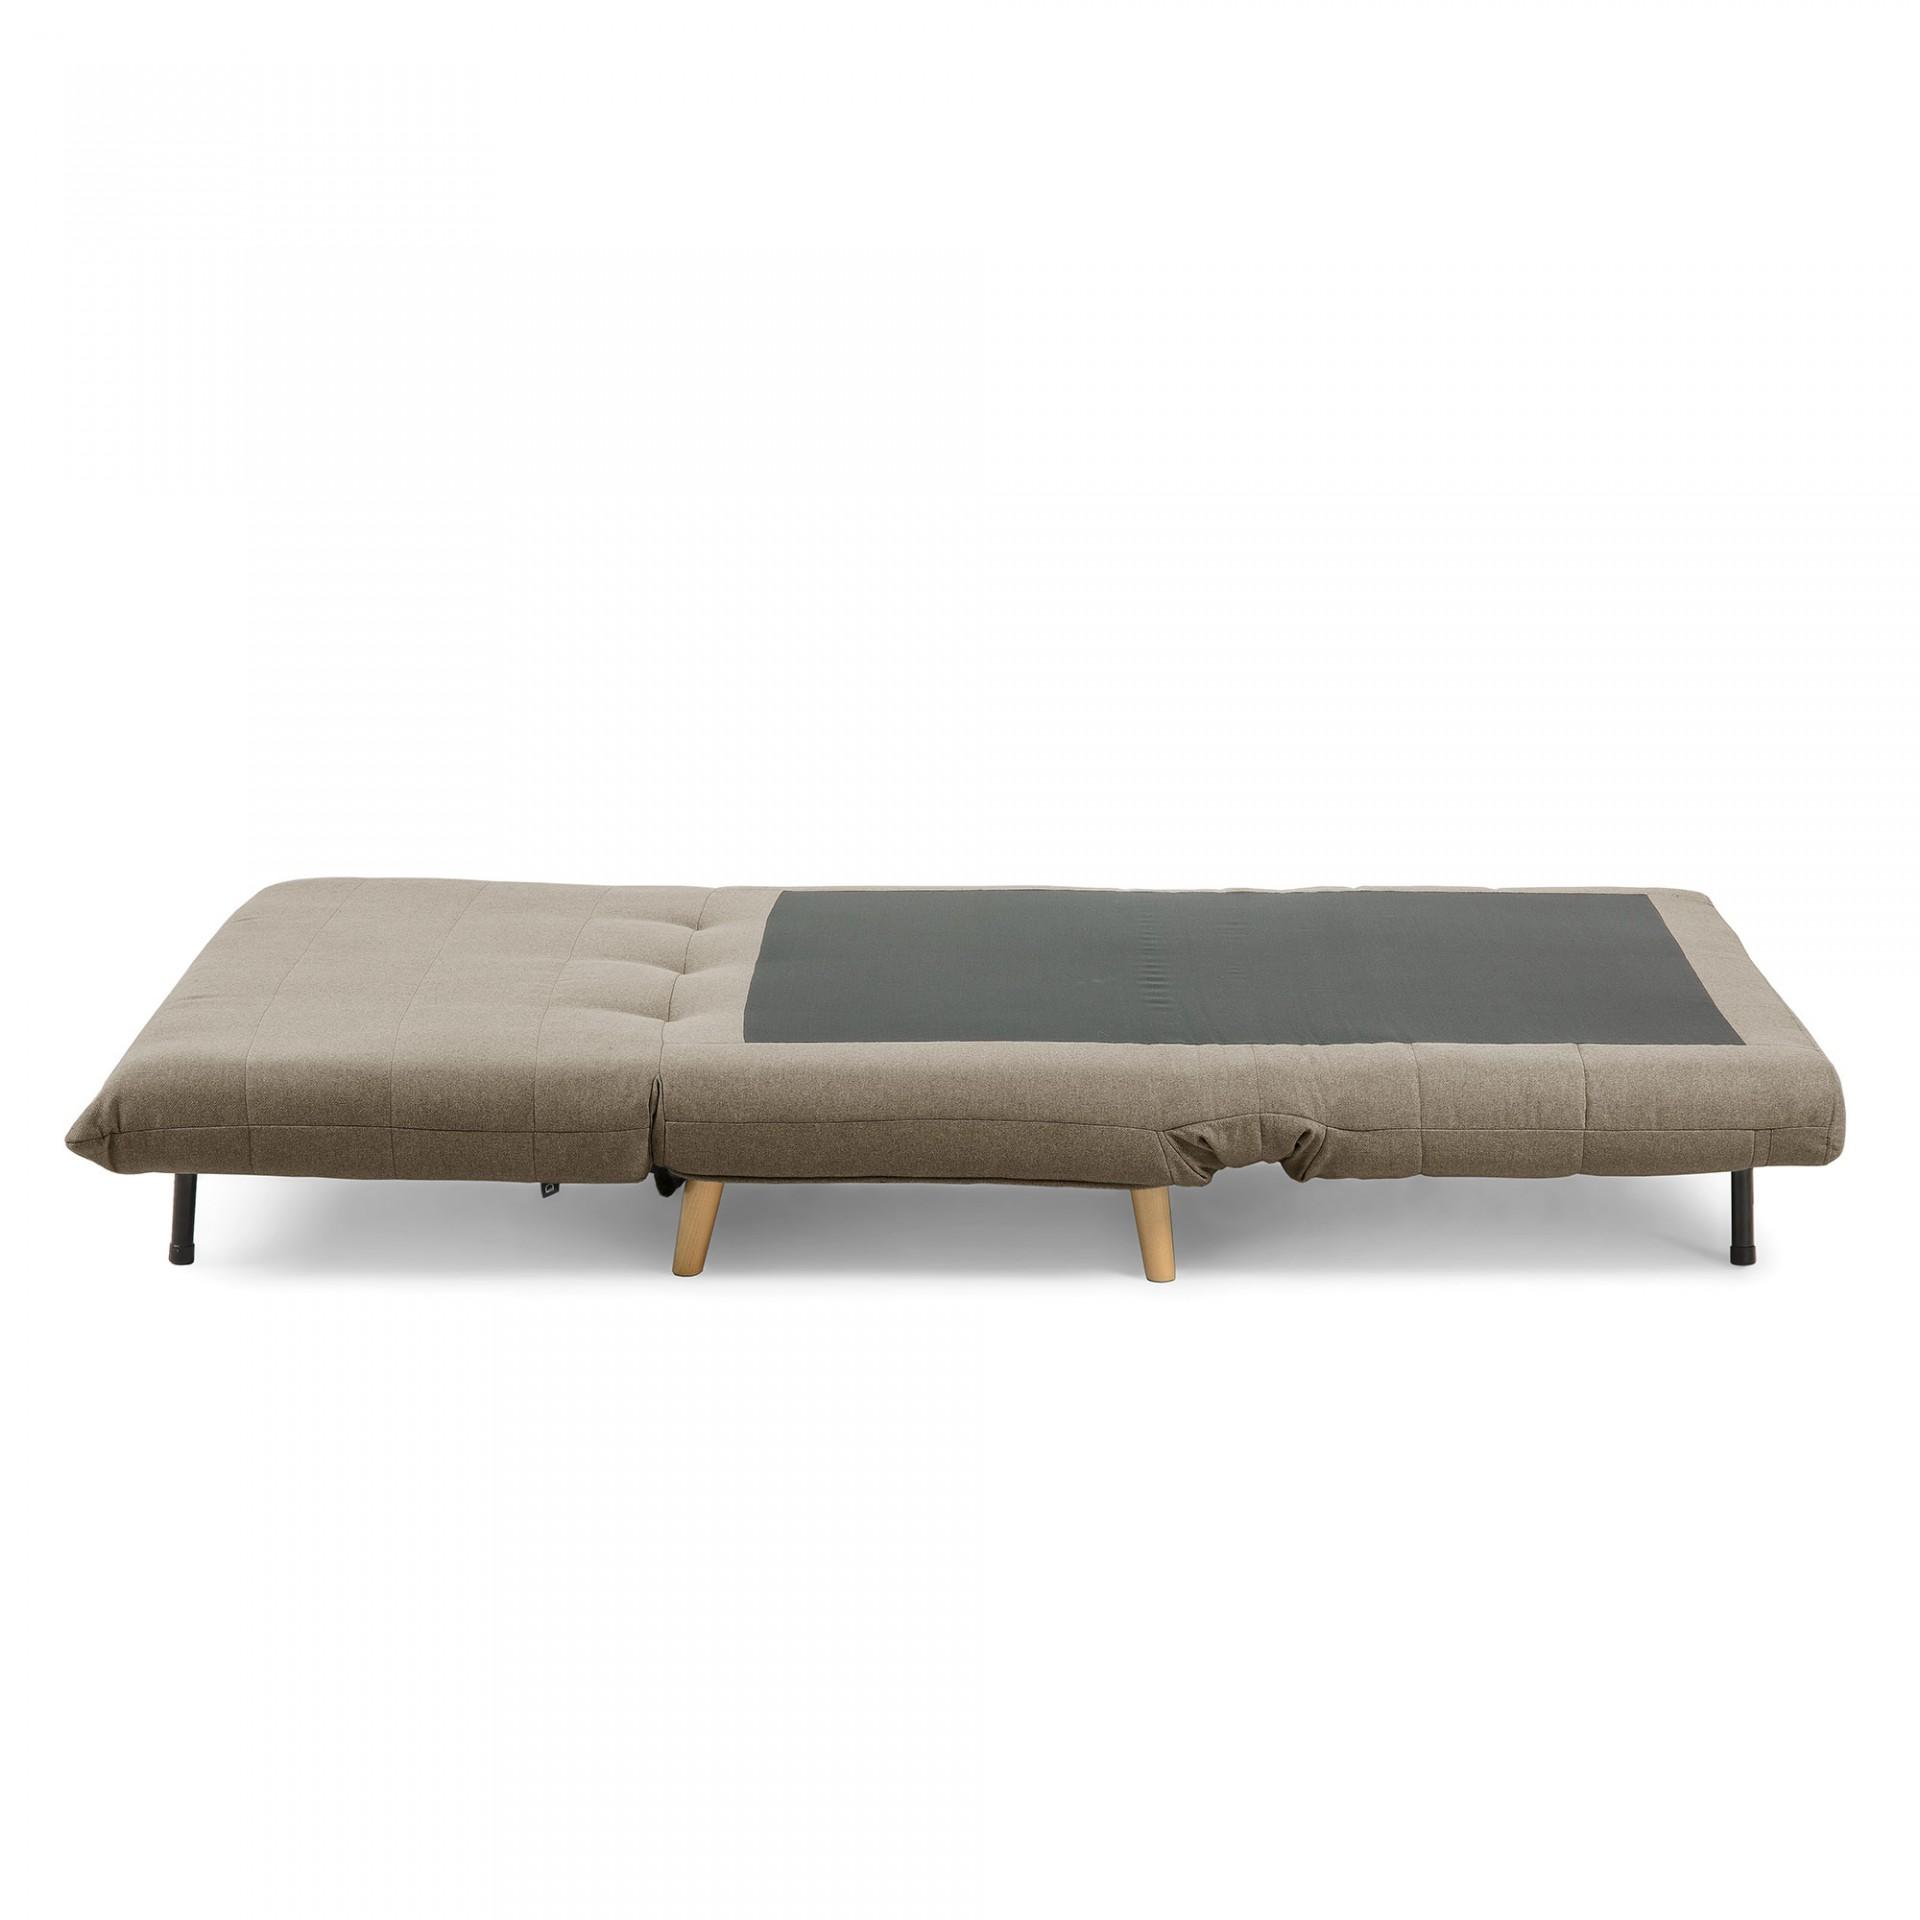 Sofá-cama Susi, c/almofada, estofado